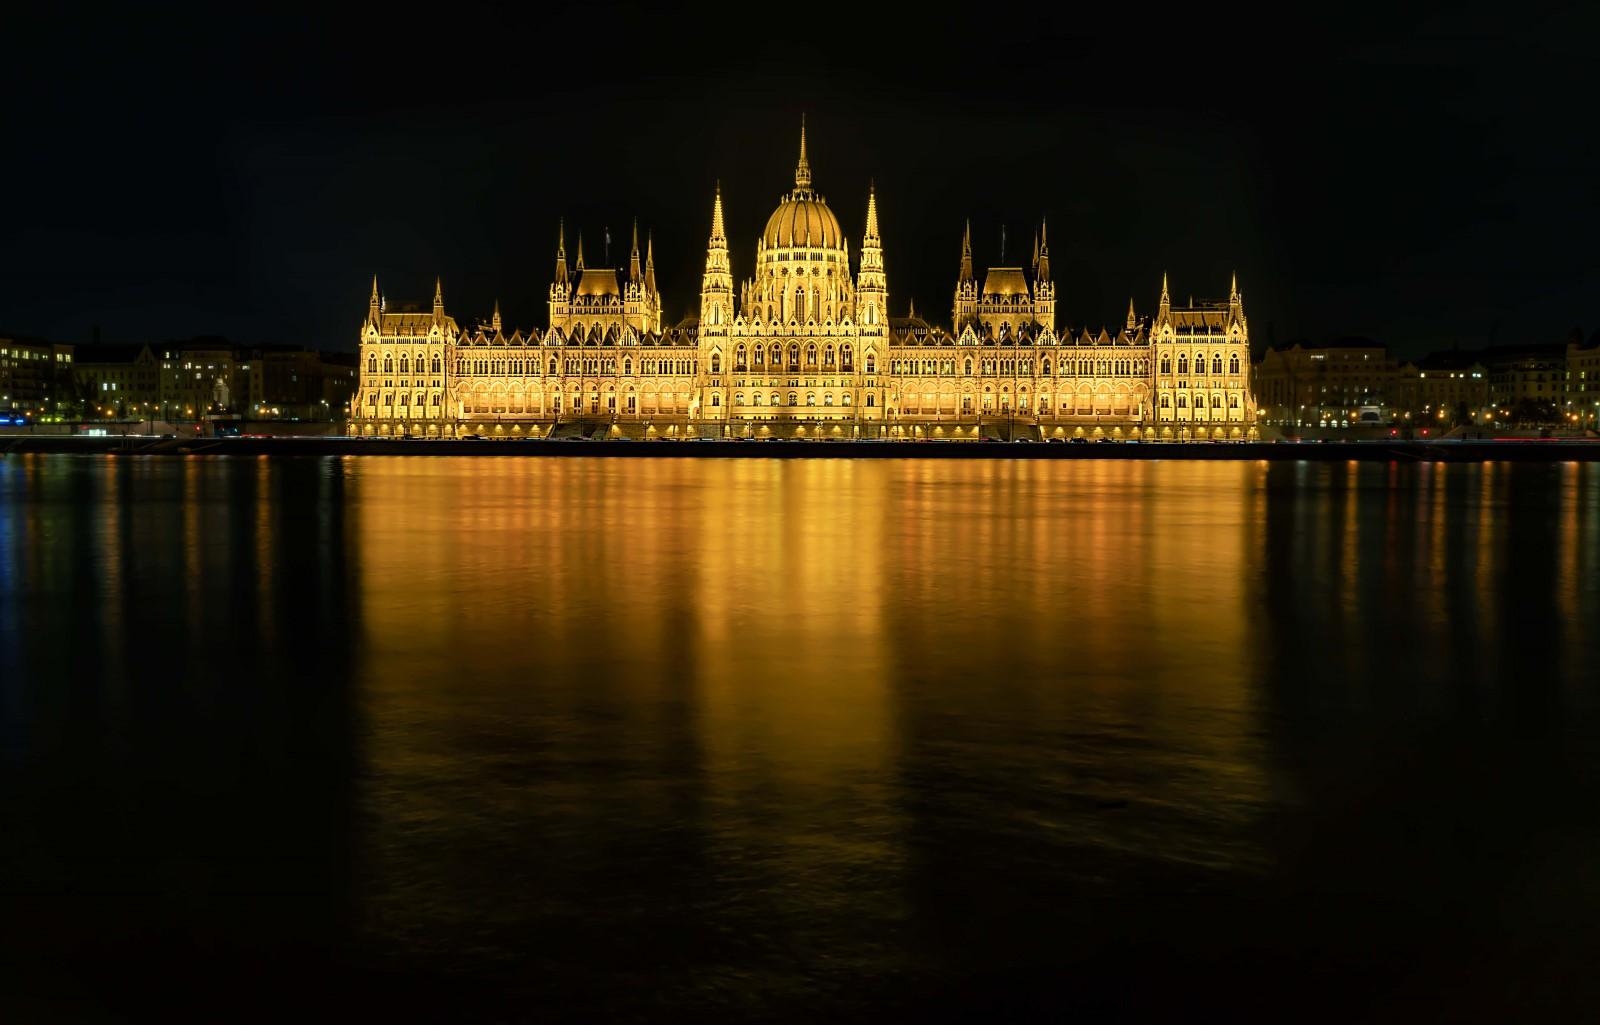 Parlamento alla sera